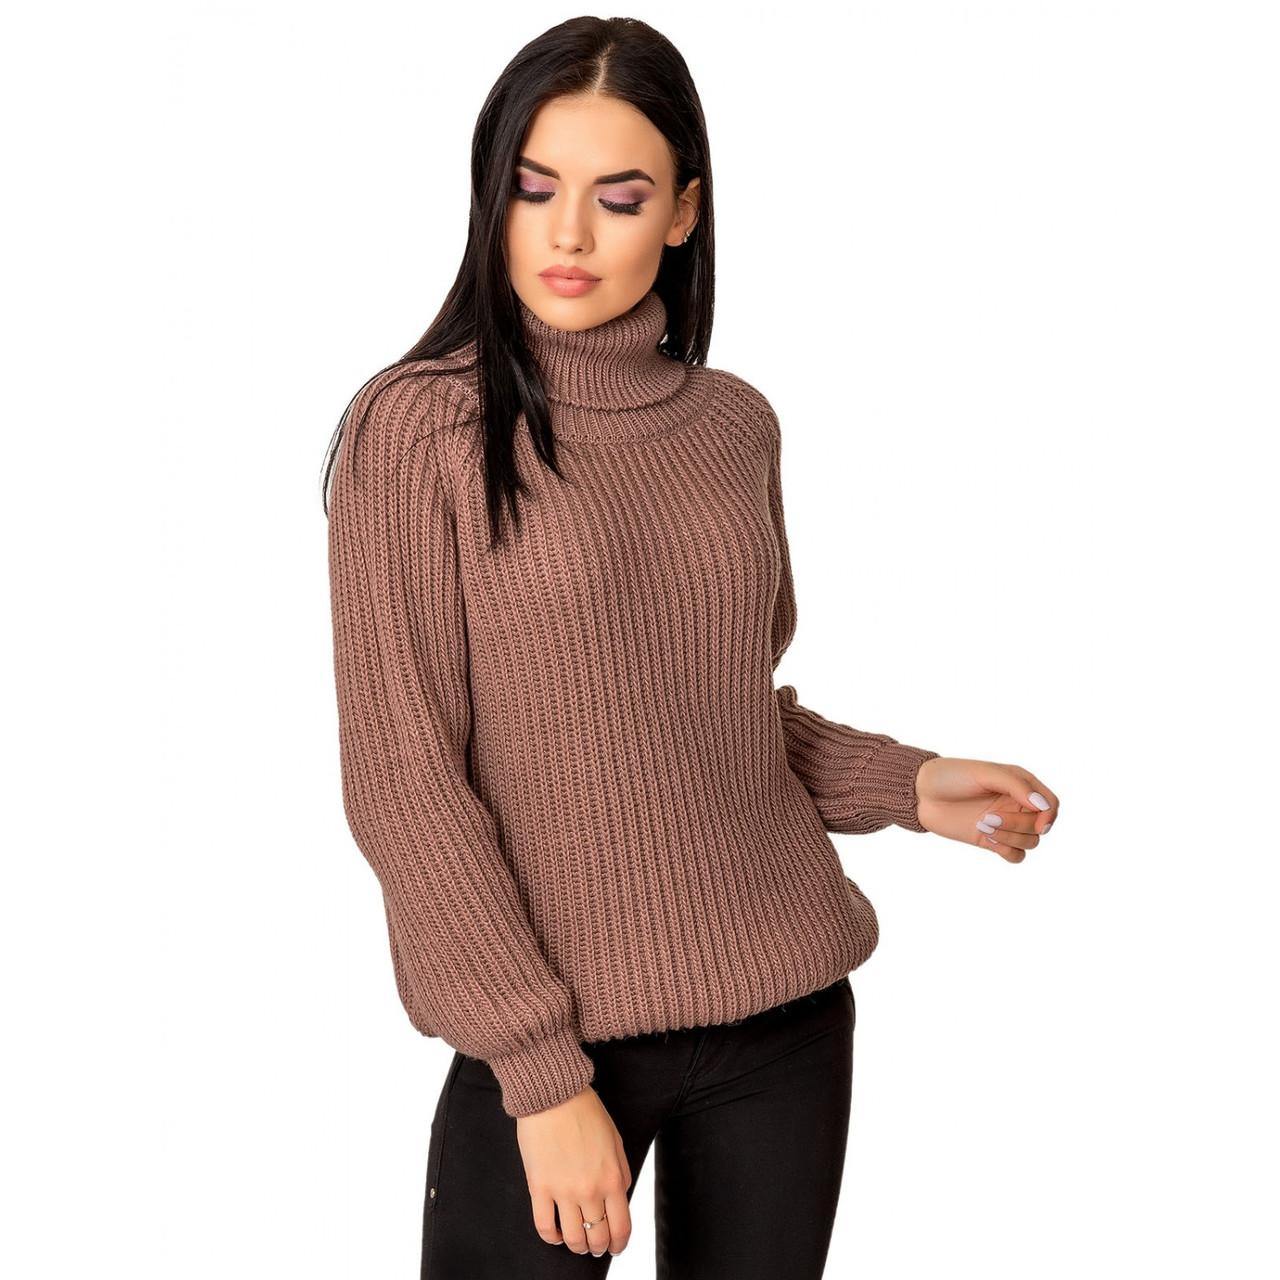 Вязаный свитер с горлом 44-46-48 размеры 6цветов